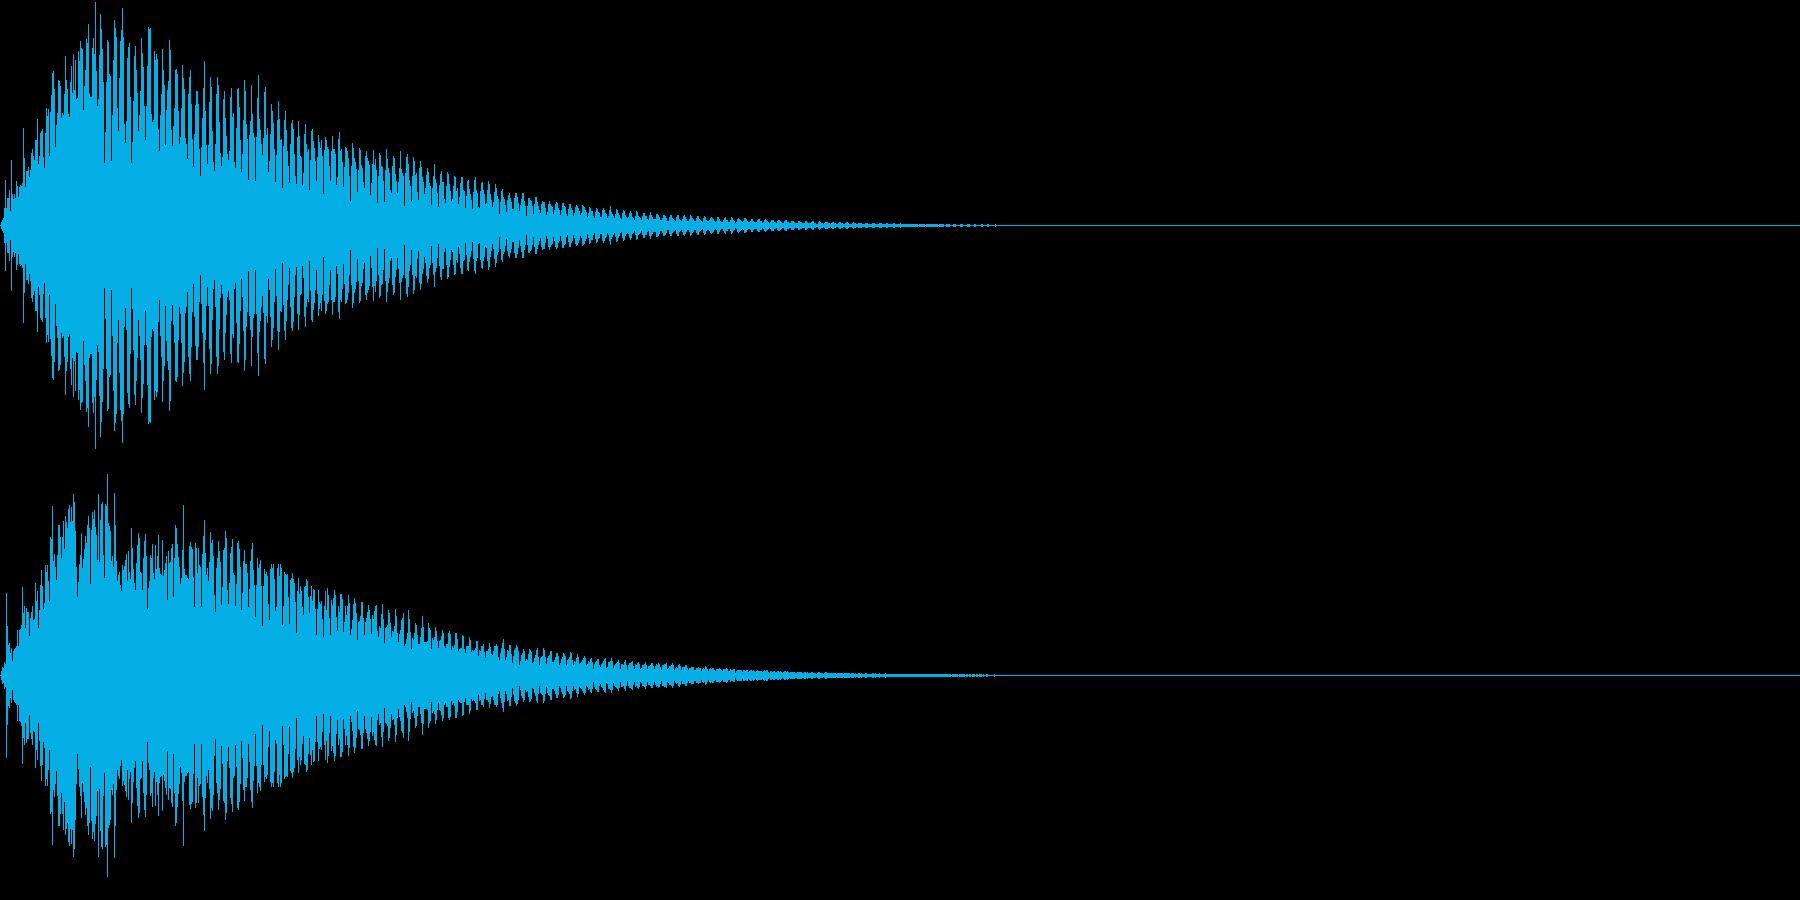 キュイン ボタン ピキーン キーン 5の再生済みの波形